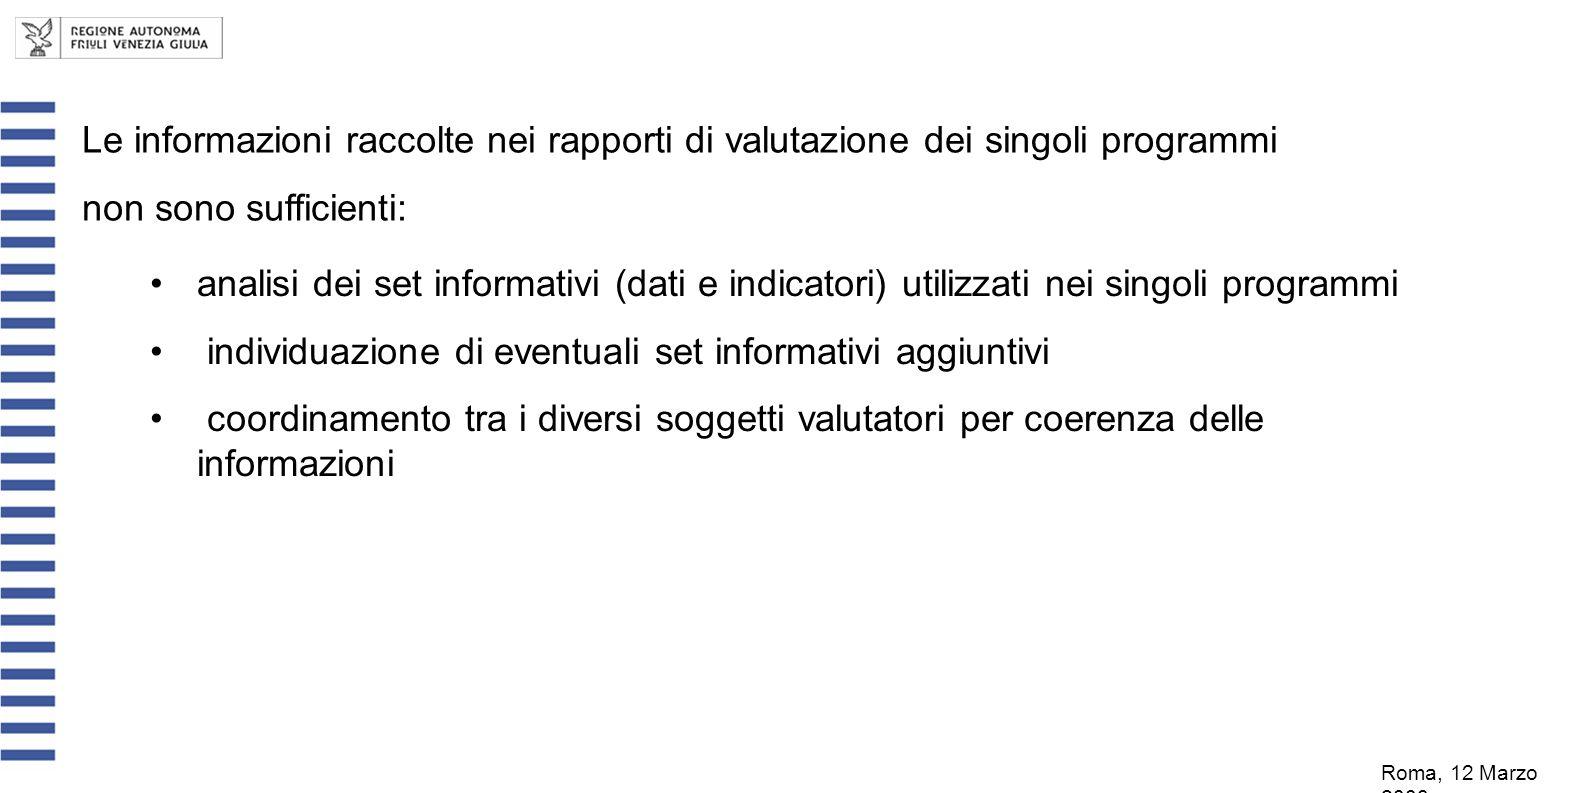 Le informazioni raccolte nei rapporti di valutazione dei singoli programmi non sono sufficienti: Roma, 12 Marzo 2008 analisi dei set informativi (dati